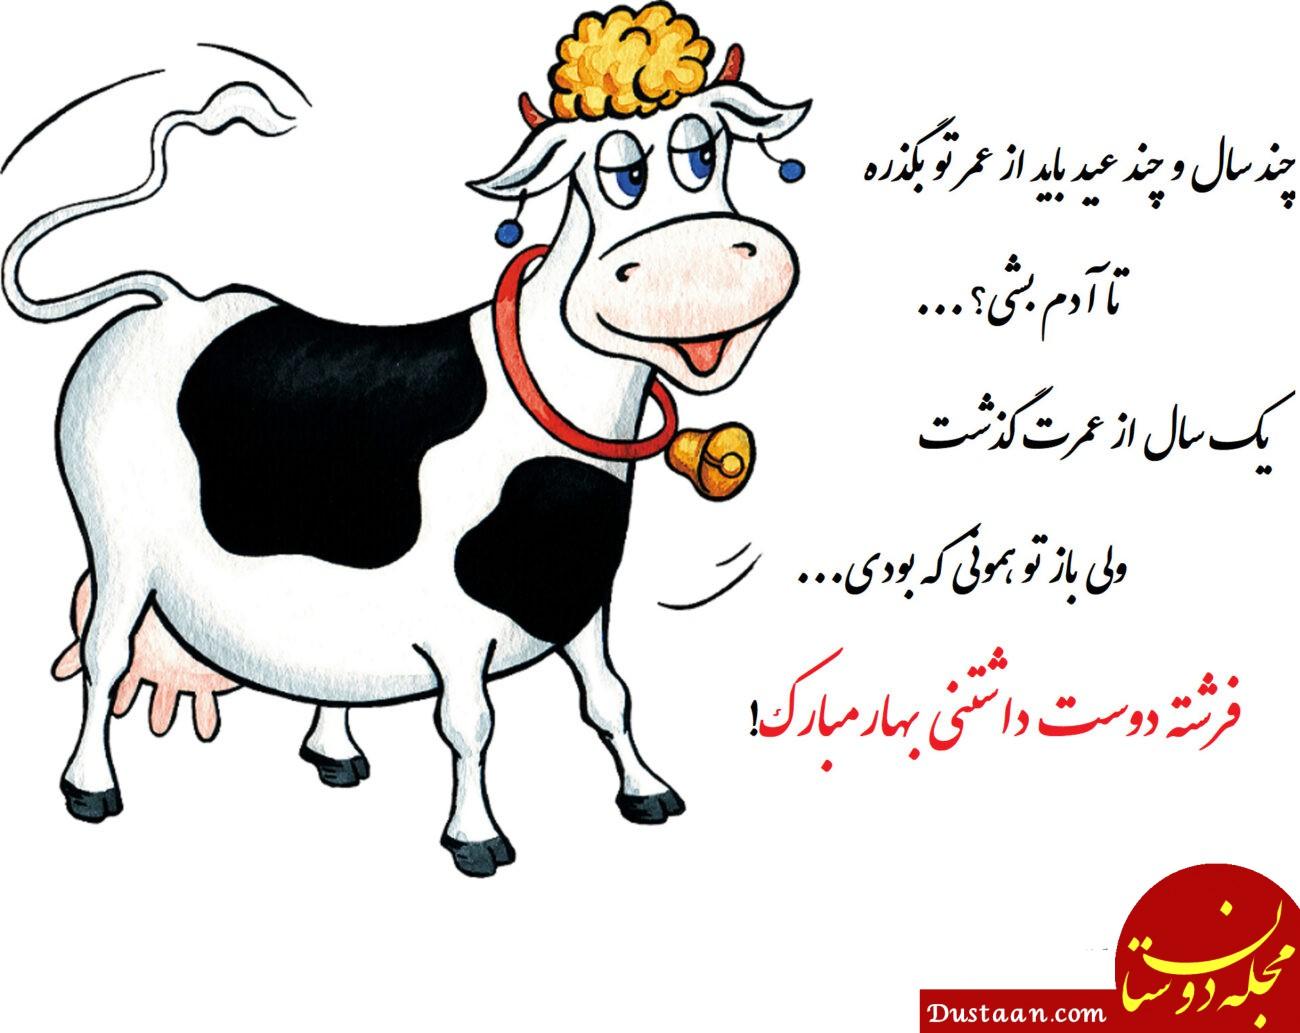 متن و اشعار بسیار زیبا برای تبریک سال نو ( عید نوروز 1400 - سال گاو )